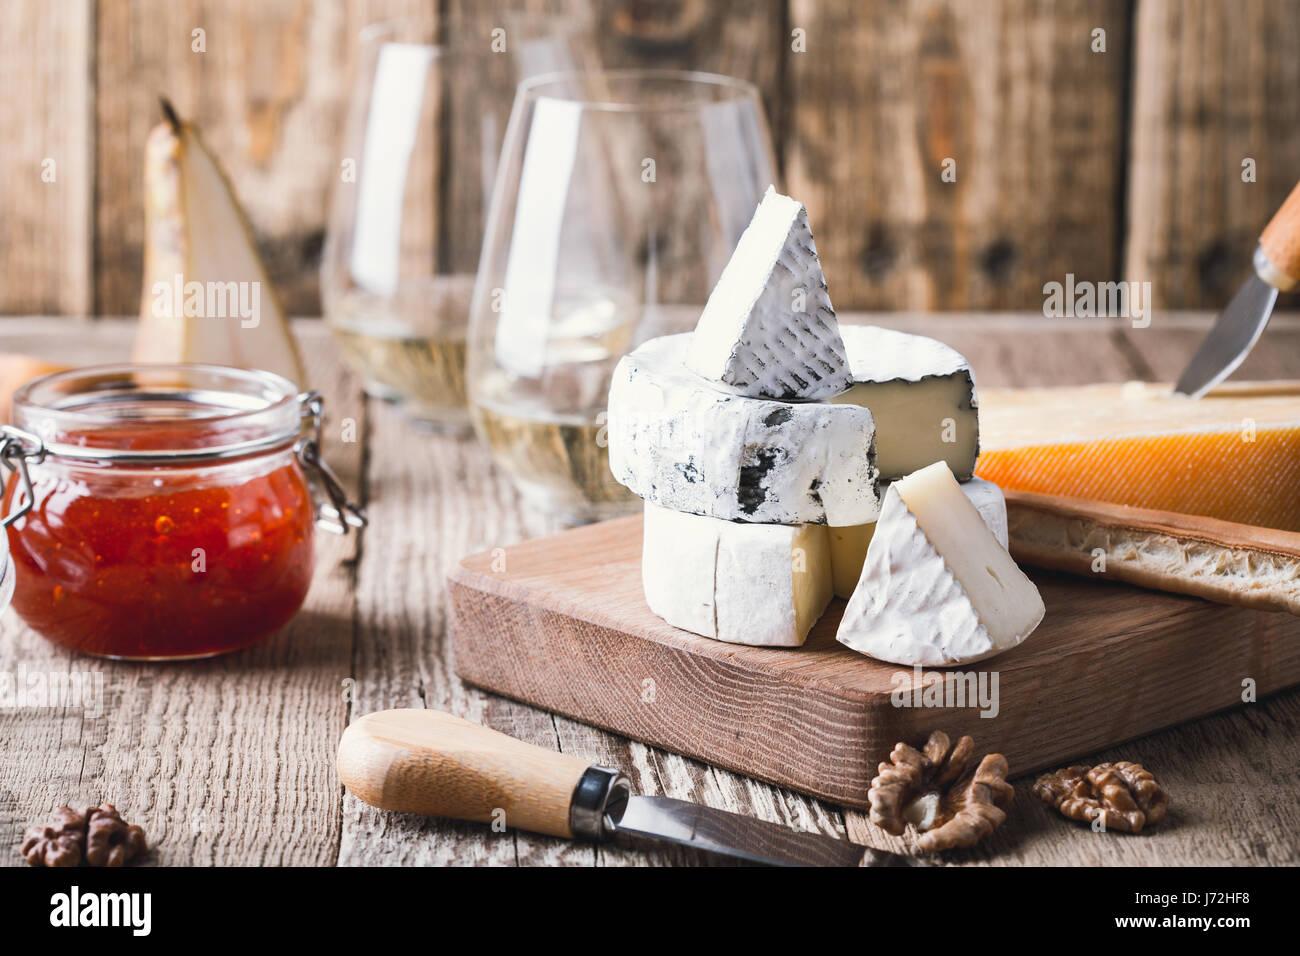 Tabla de quesos servidos con vino blanco, mermelada y nueces sobre placa de madera en tabla rústica Imagen De Stock